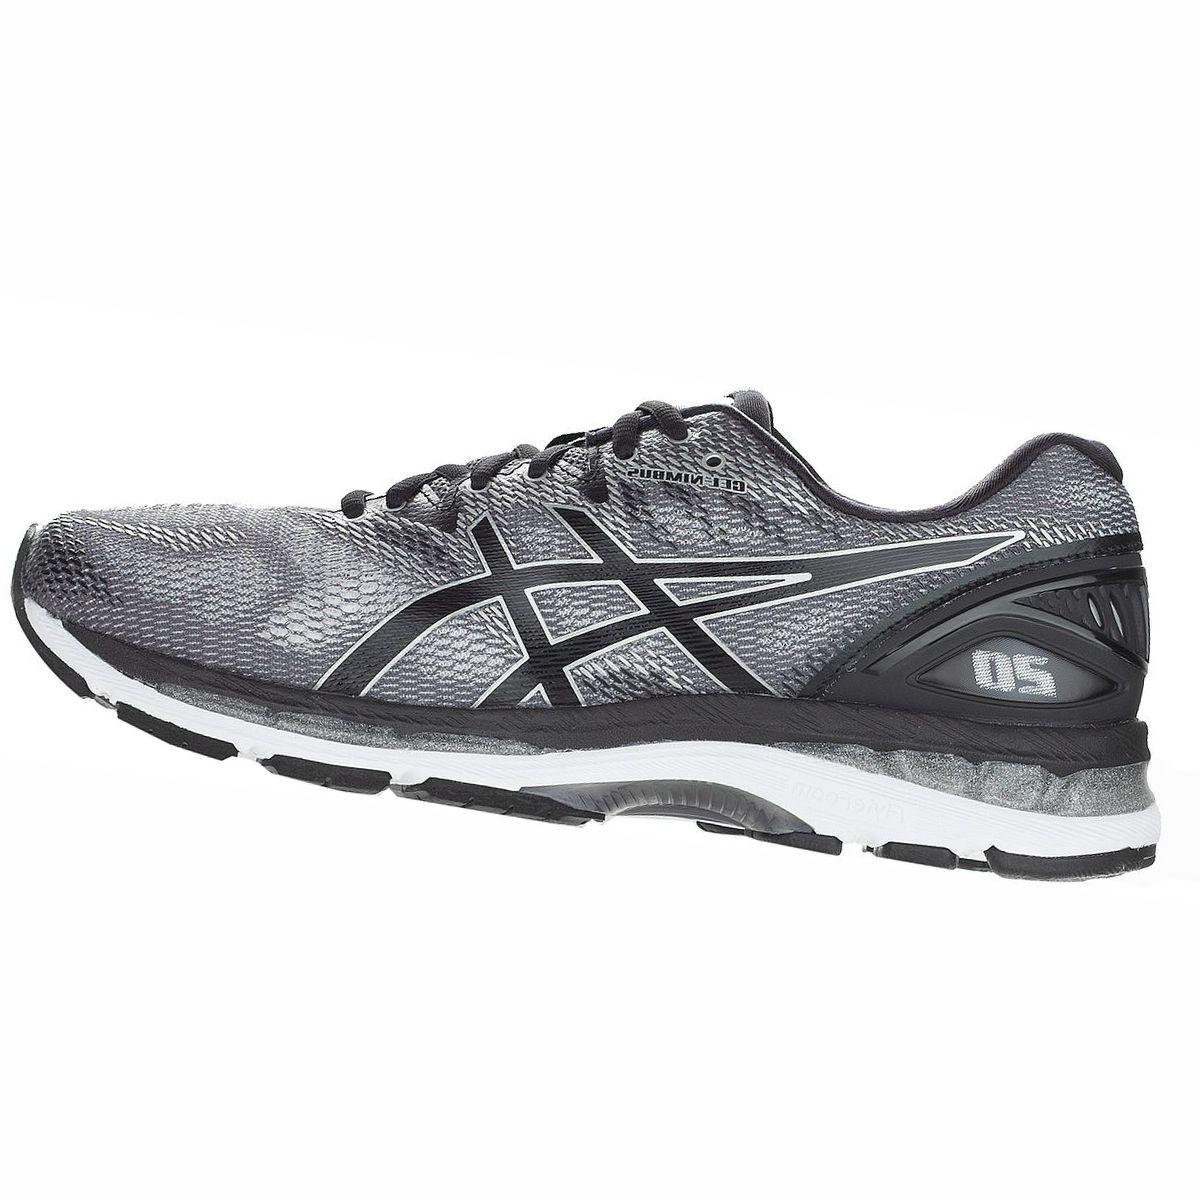 Asics Gel-Nimbus 20 Running Shoe - Men's